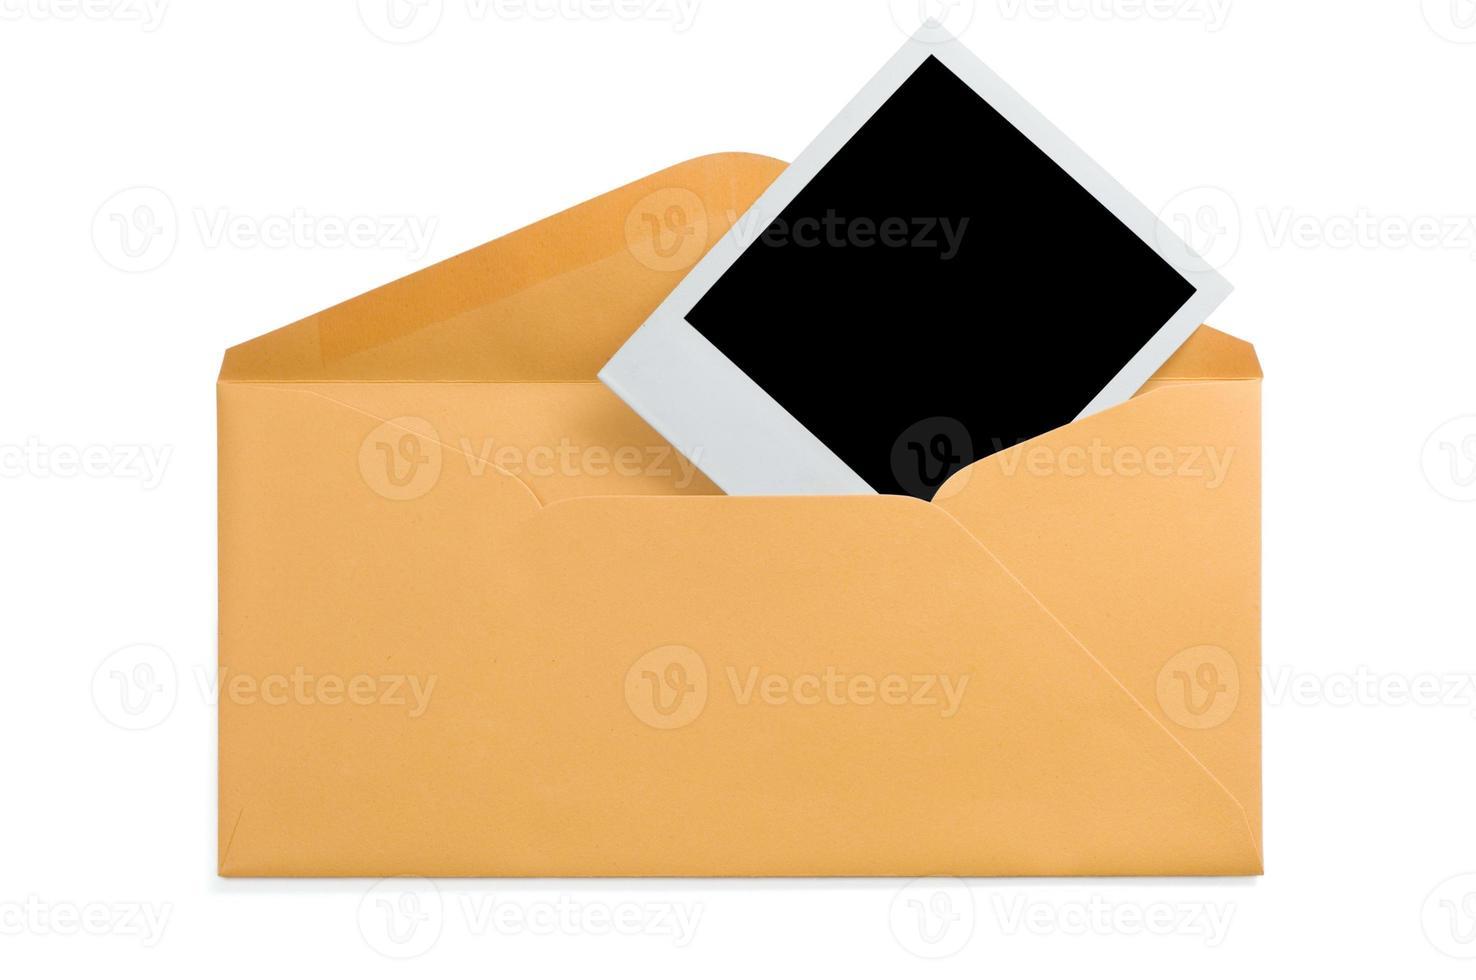 enveloppe et photo instantanée vierge (xl; tracé de détourage)